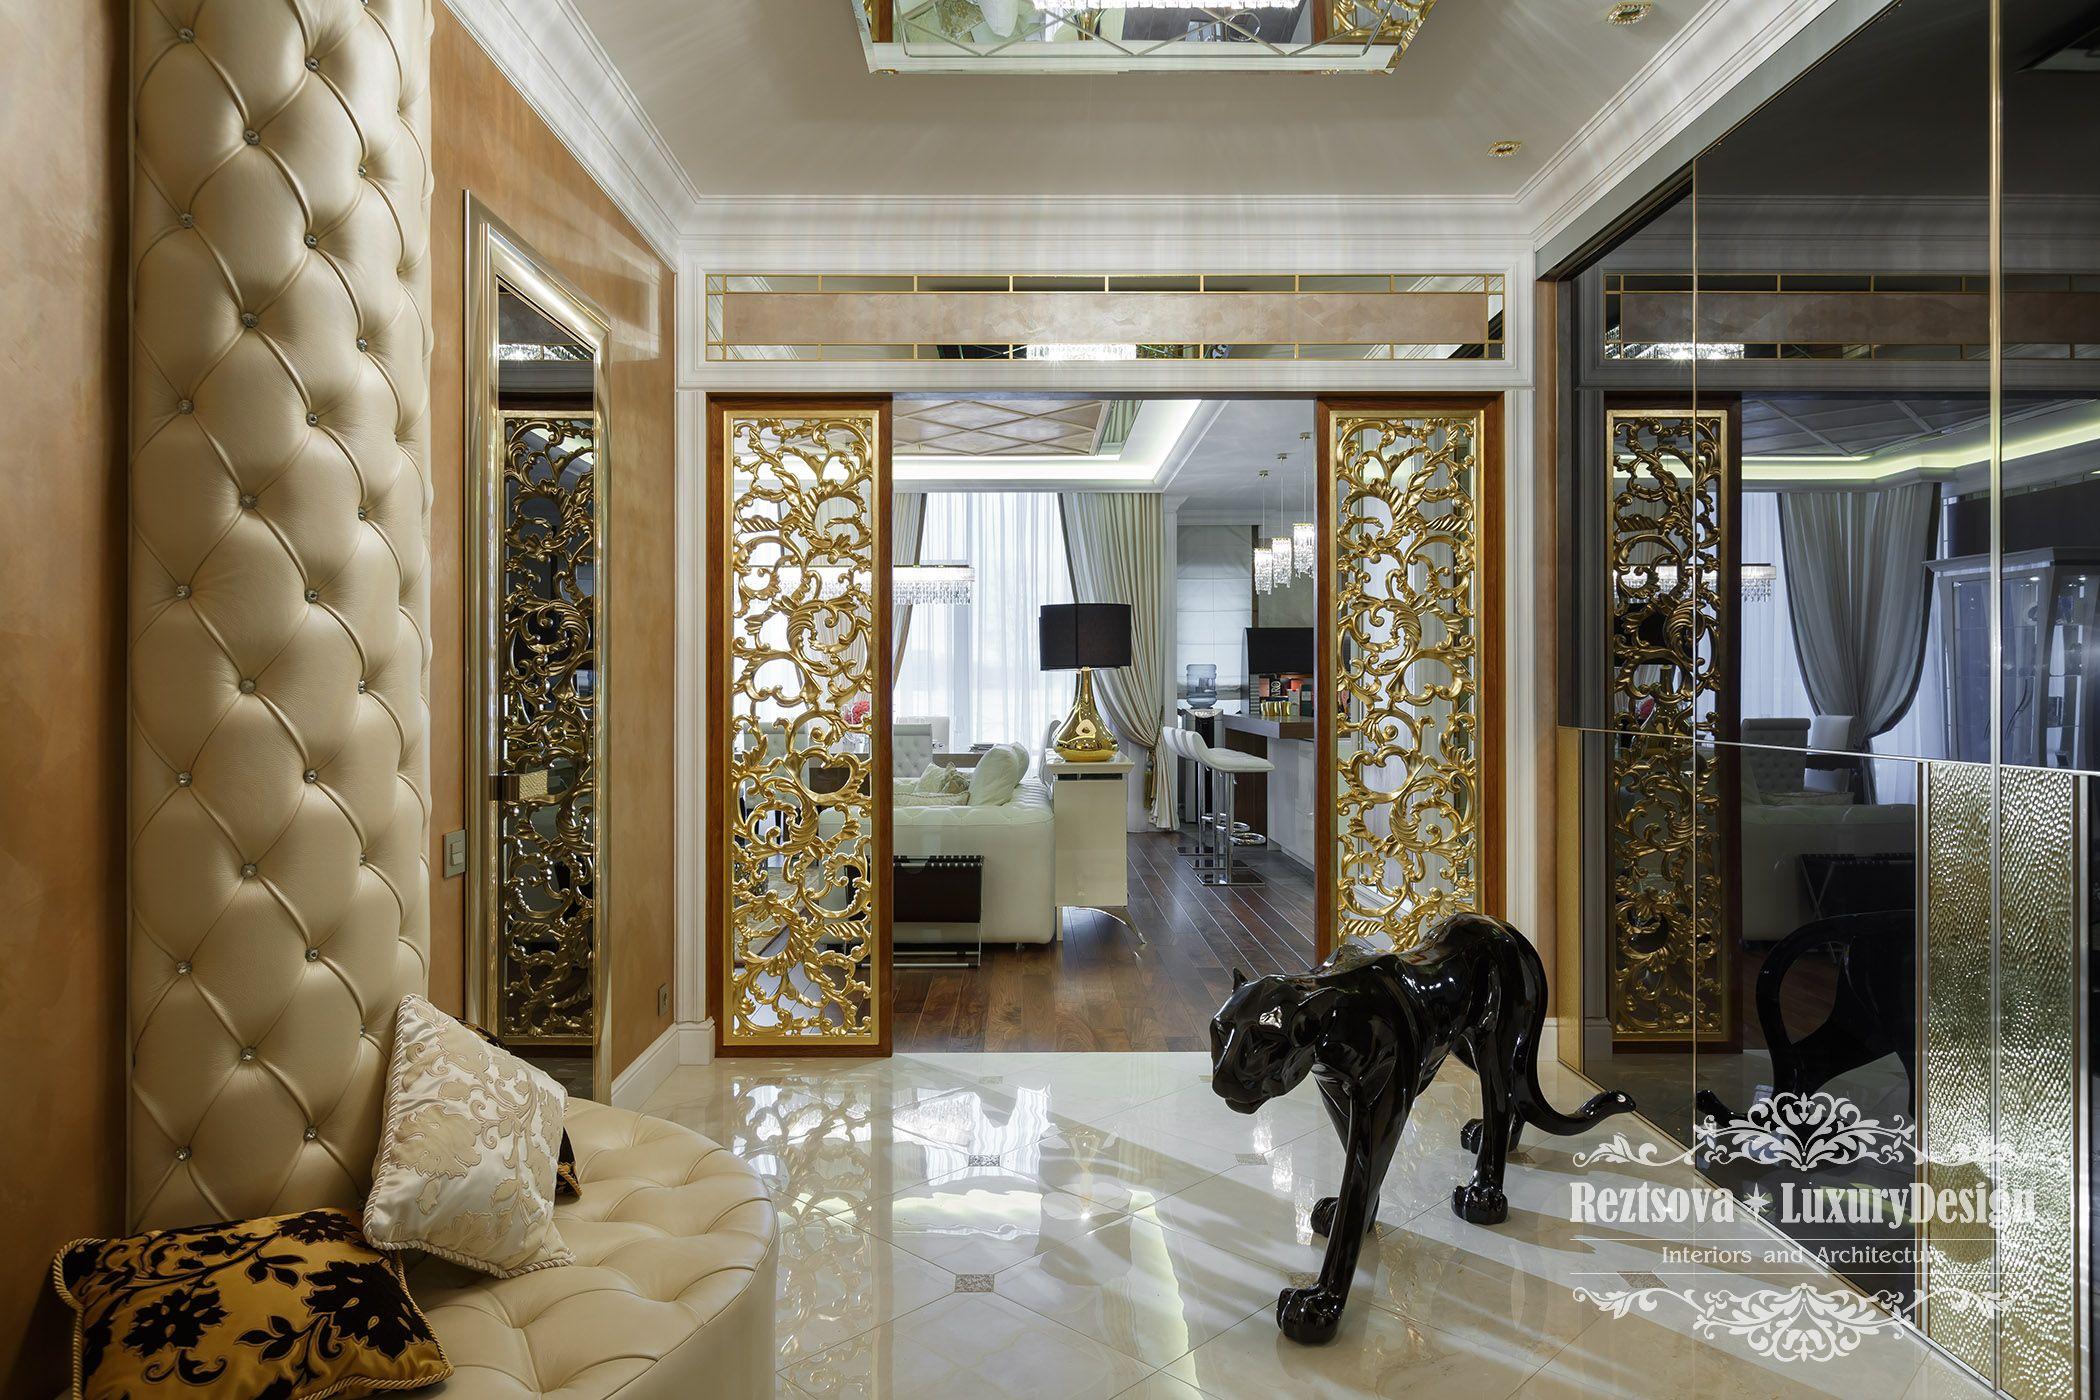 Заказать дизайн проект квартиры санкт петербург